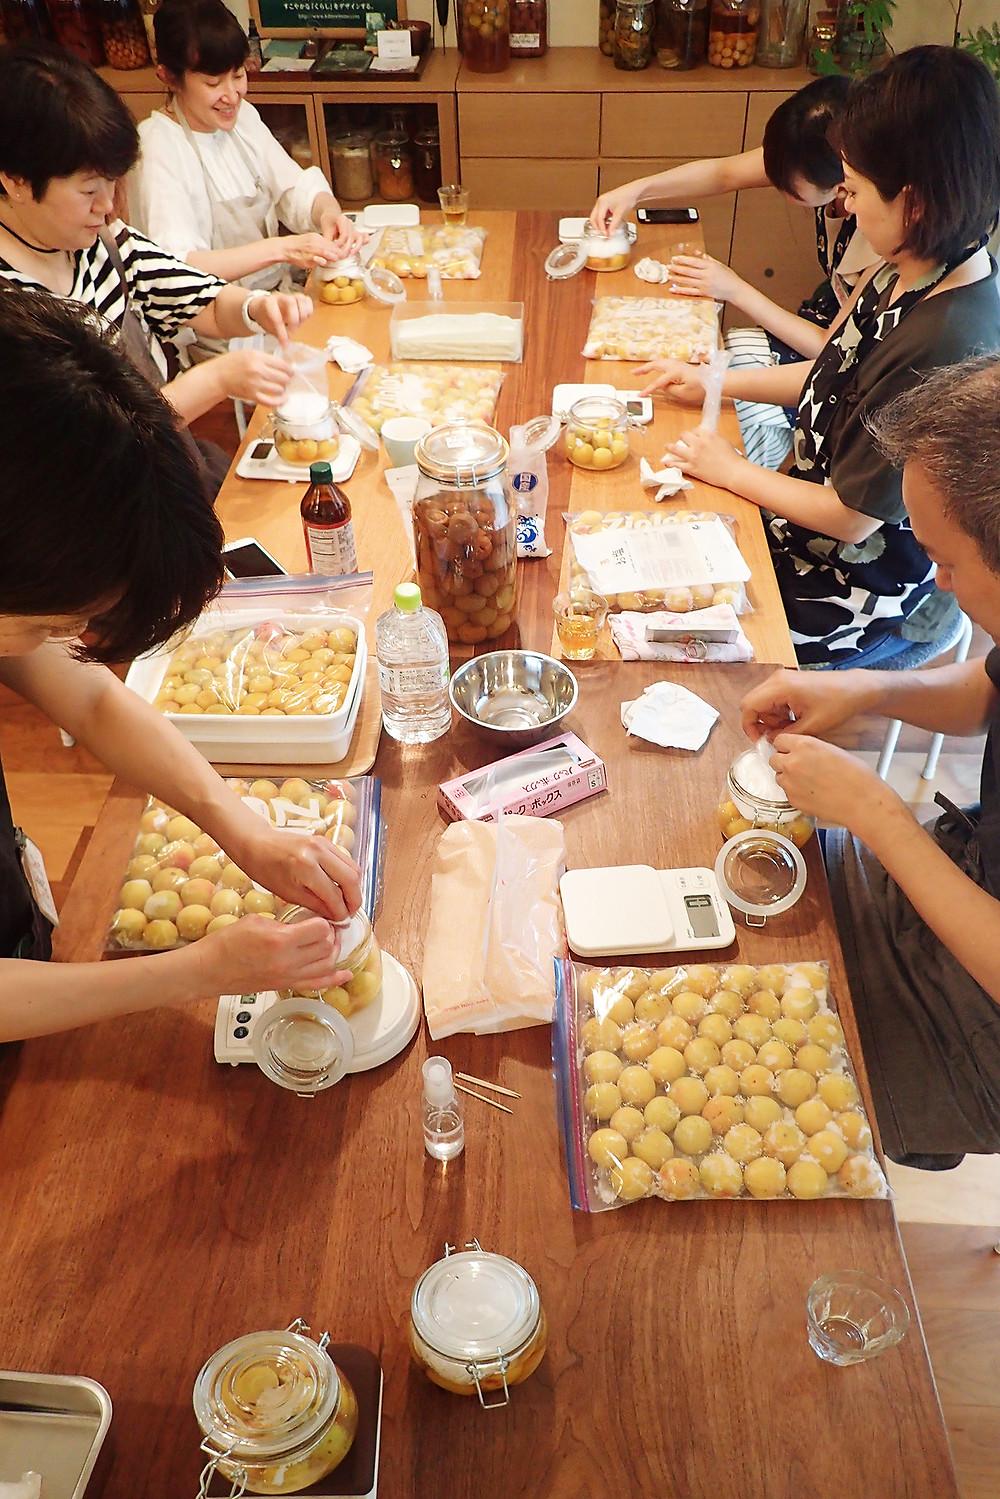 #モリ乃ネ #morinone #くらしデザイン #料理教室 #発酵料理 #発酵食品 #発酵食づくり #ワークショップ #保存食 #自家製 #食べる #五感 #くらし #びんdeKitchen